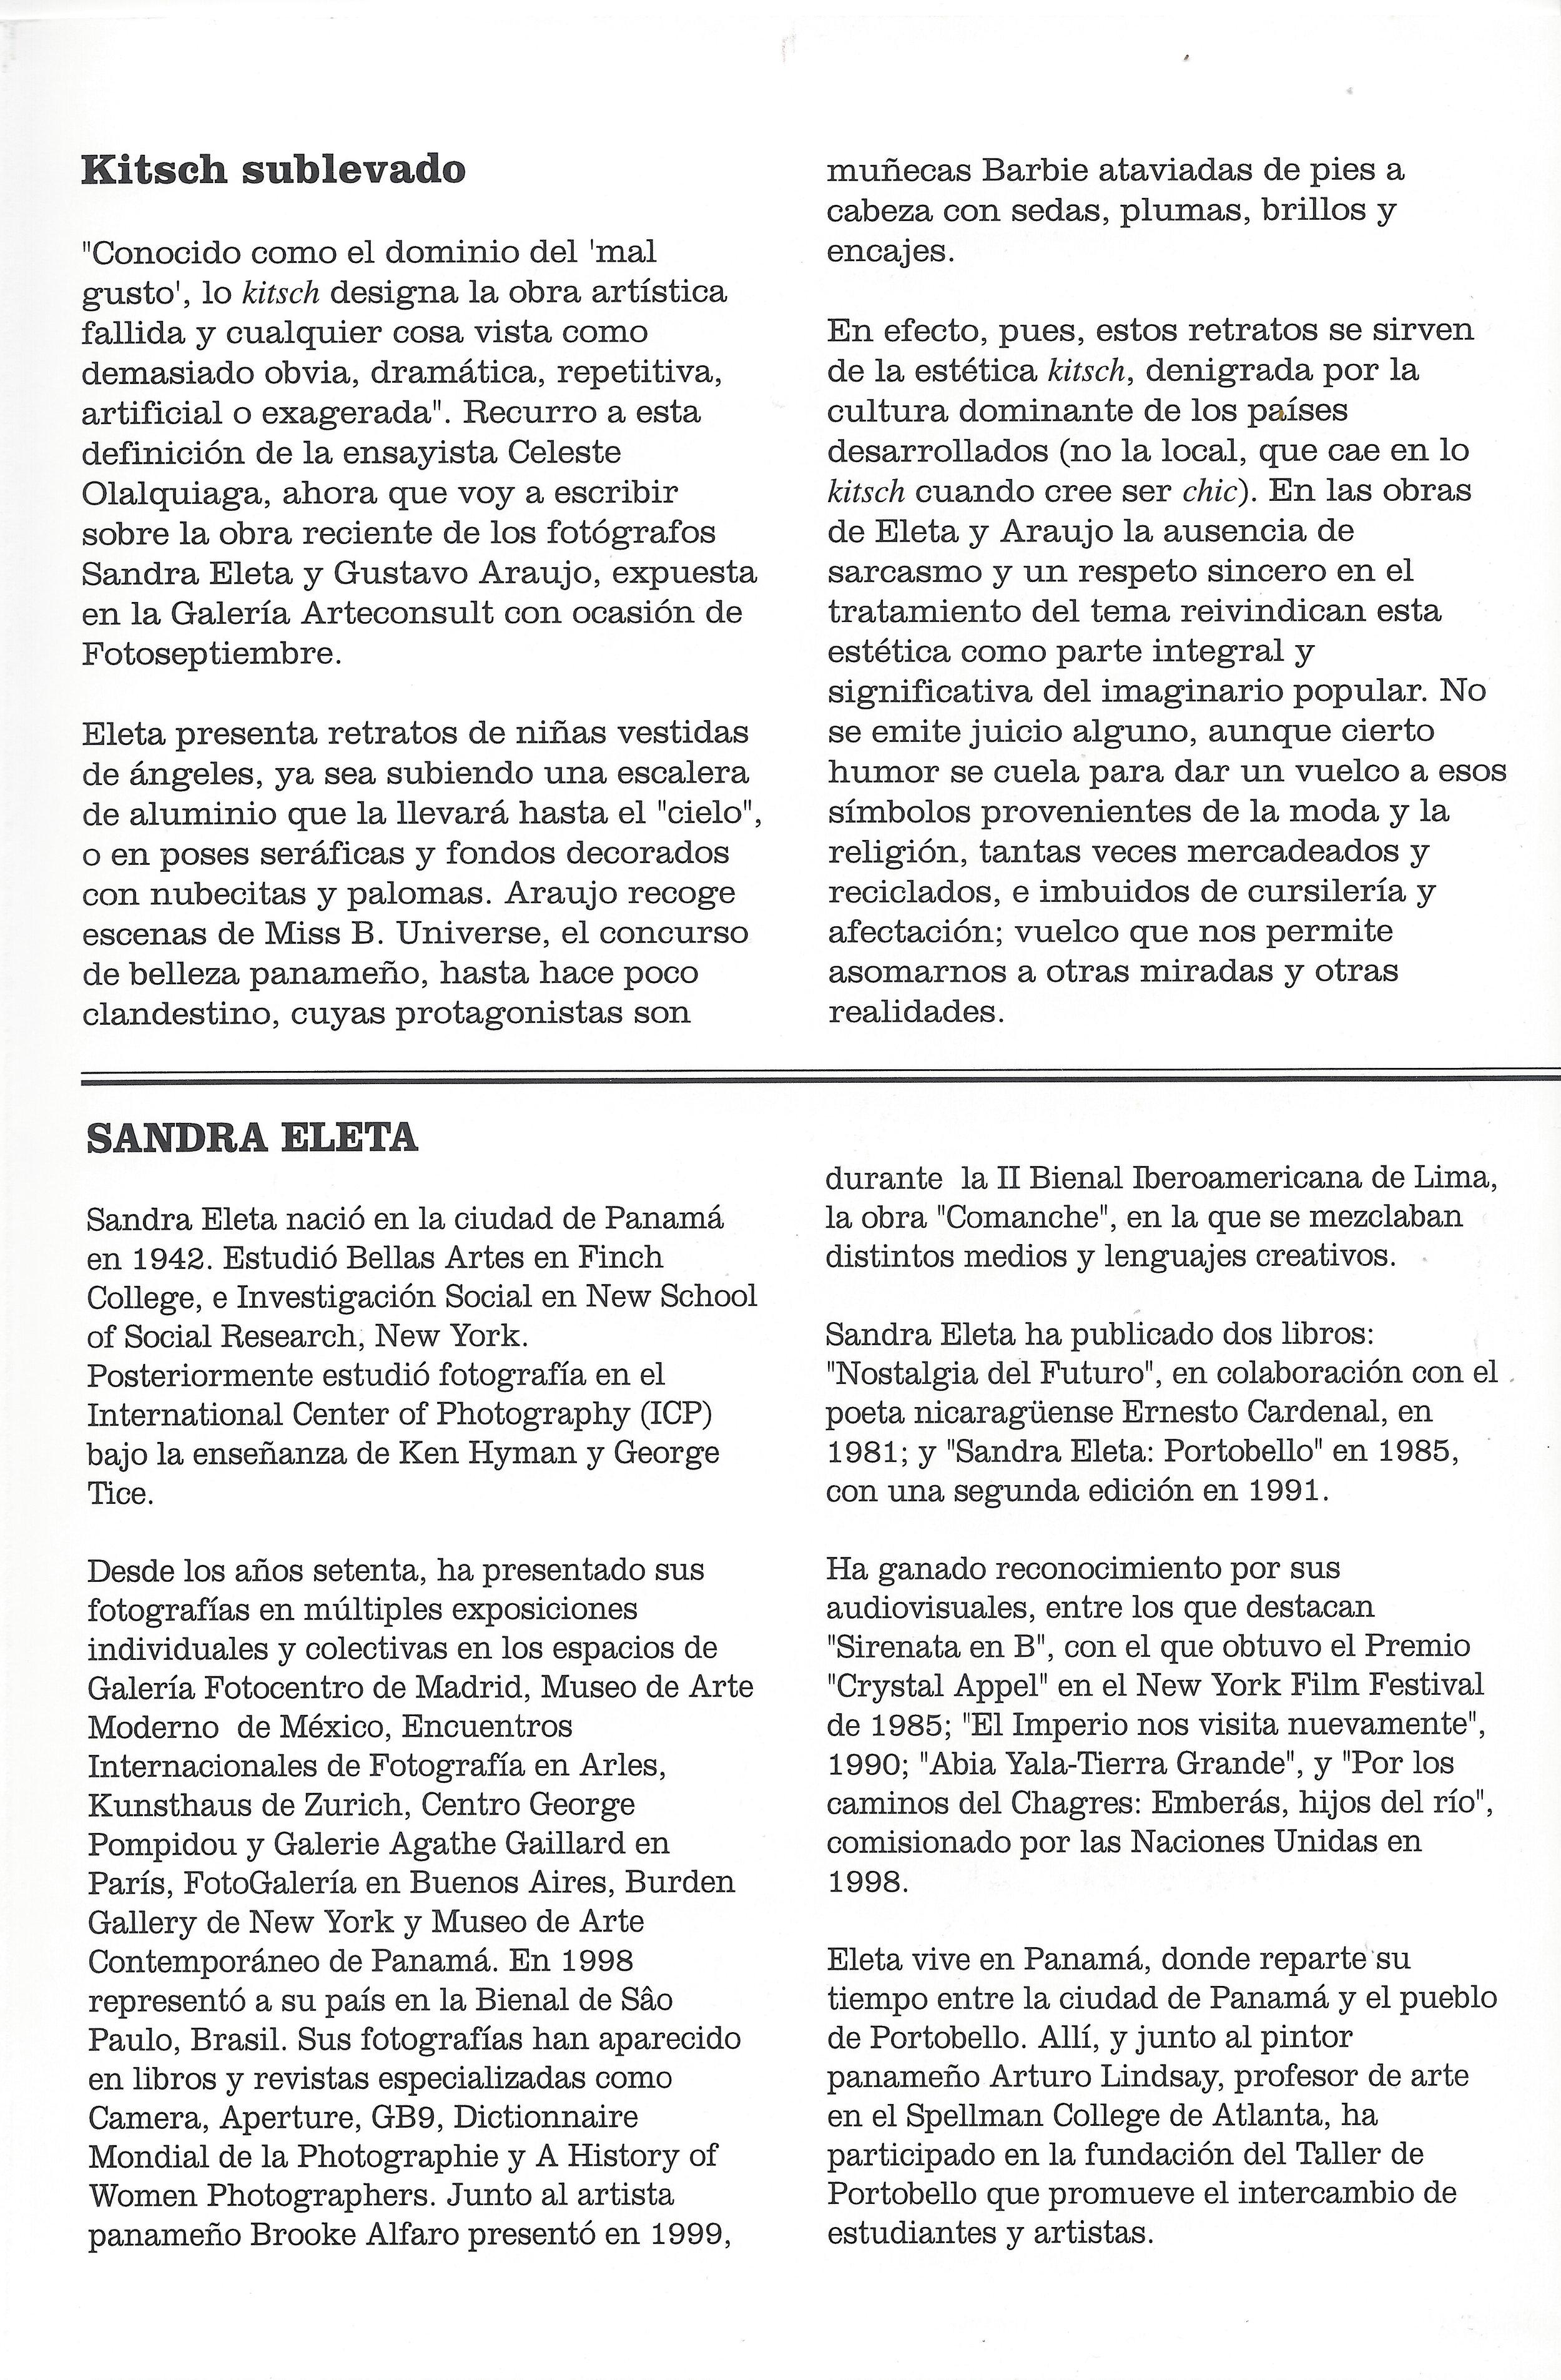 EletaAraujo-2001-FotoSeptiembre 3.jpg